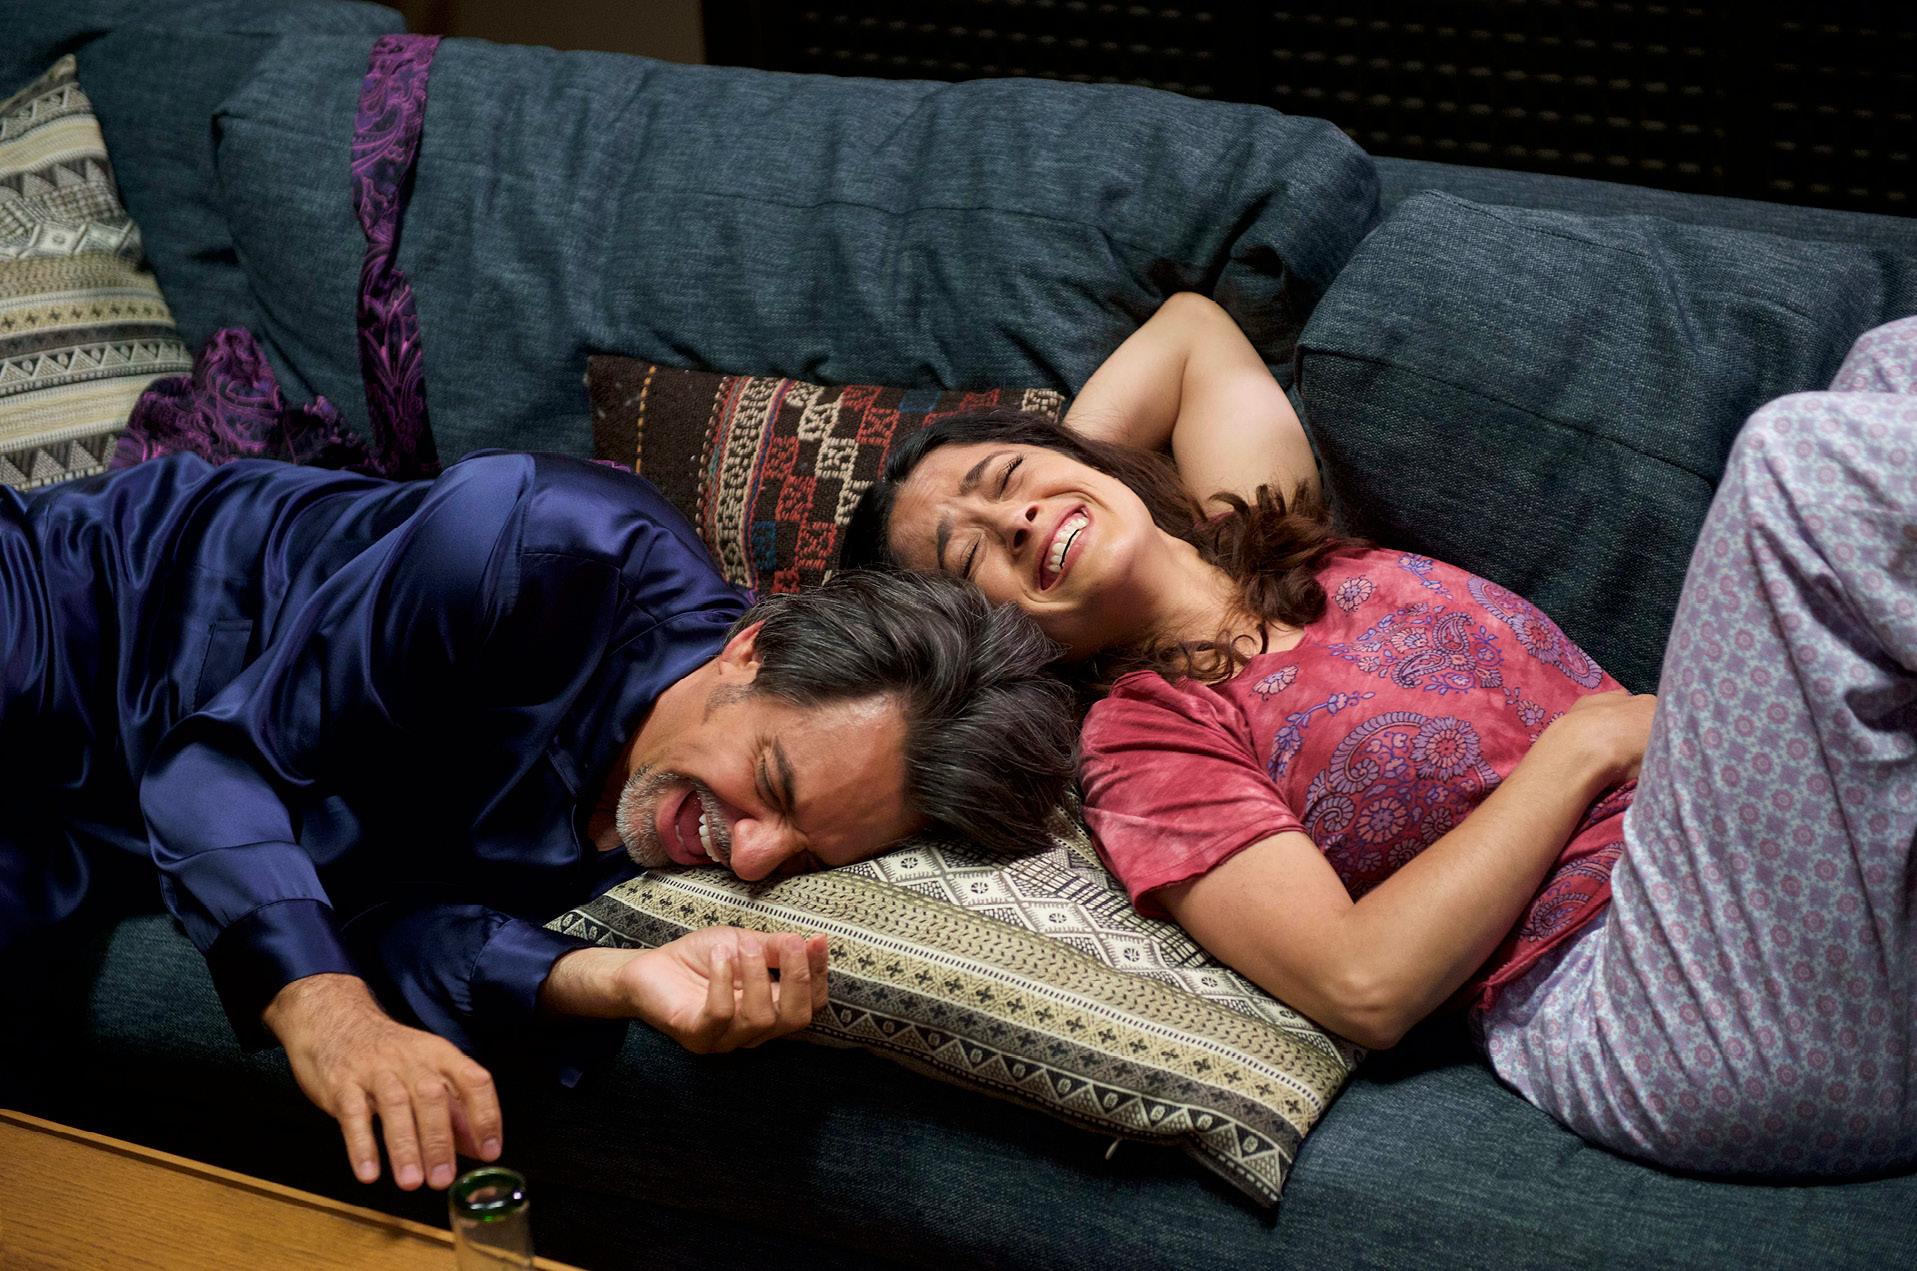 La cinta dirigida por Ken Marino recauda 137.9 millones de pesos   en su fin de semana de estreno. Se coloca en primer lugar de la taquilla